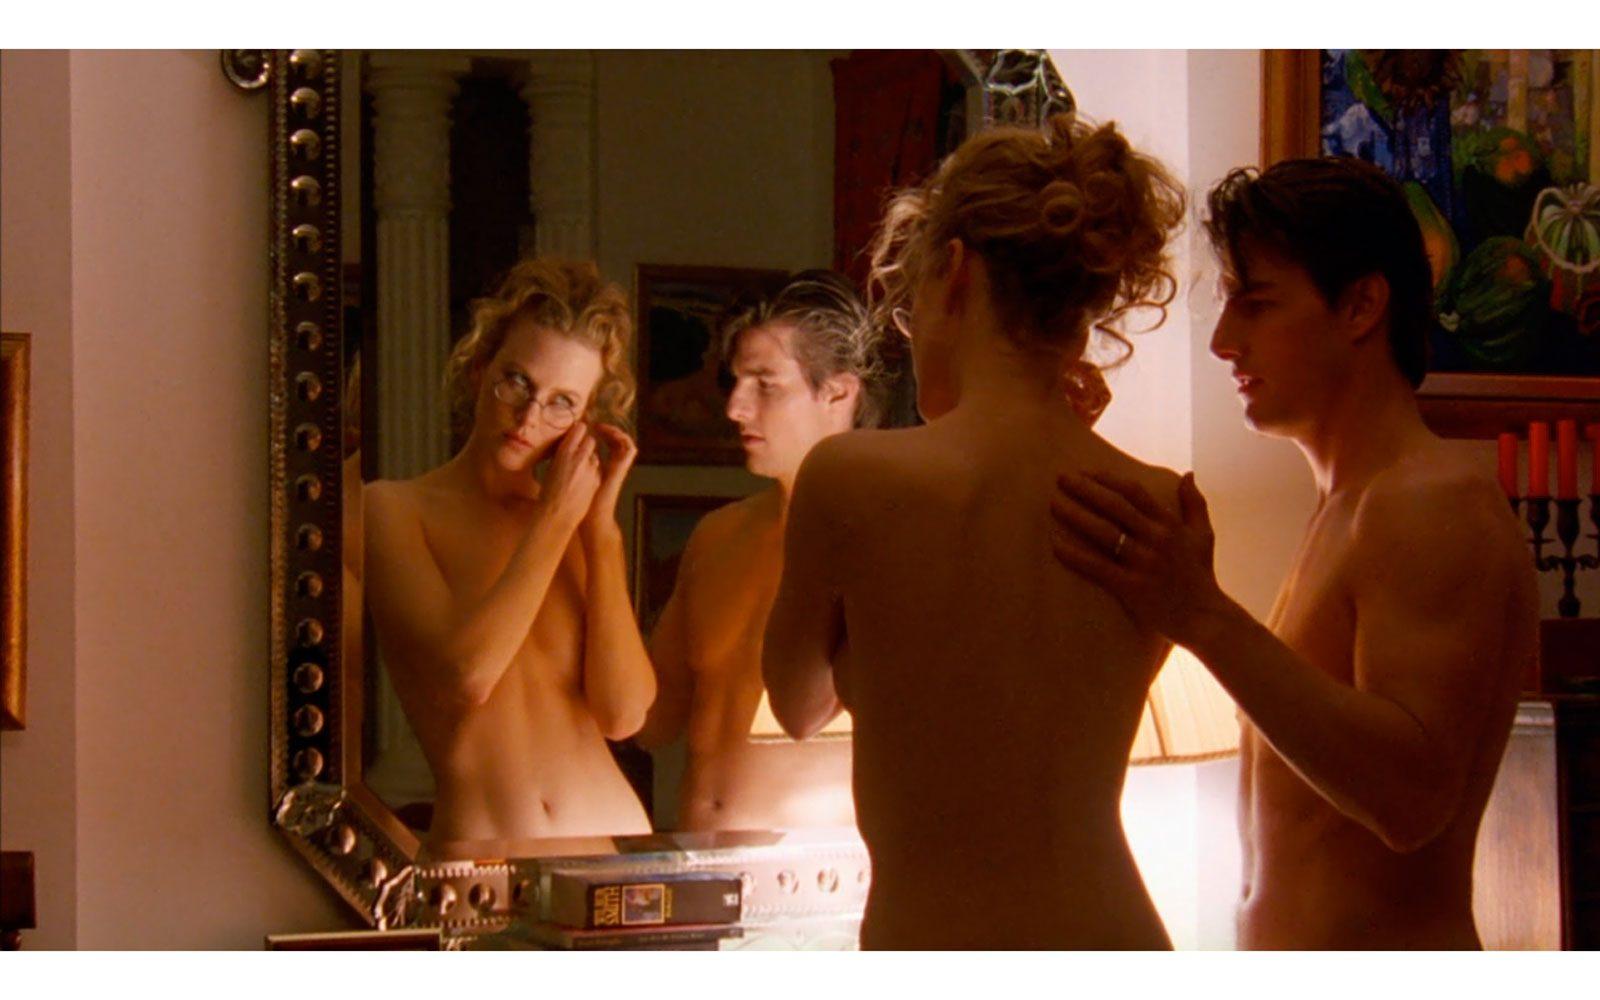 """""""Eyes Wide Shut"""" (1999). Ultimo film di Stanley Kubrick e ultima volta a fianco del presto ex marito Tom Cruise. Memorabili le sue scene di seduzione domestica con occhiali da vista e poco altro. Impennata nelle vendite di canottiere da donna"""